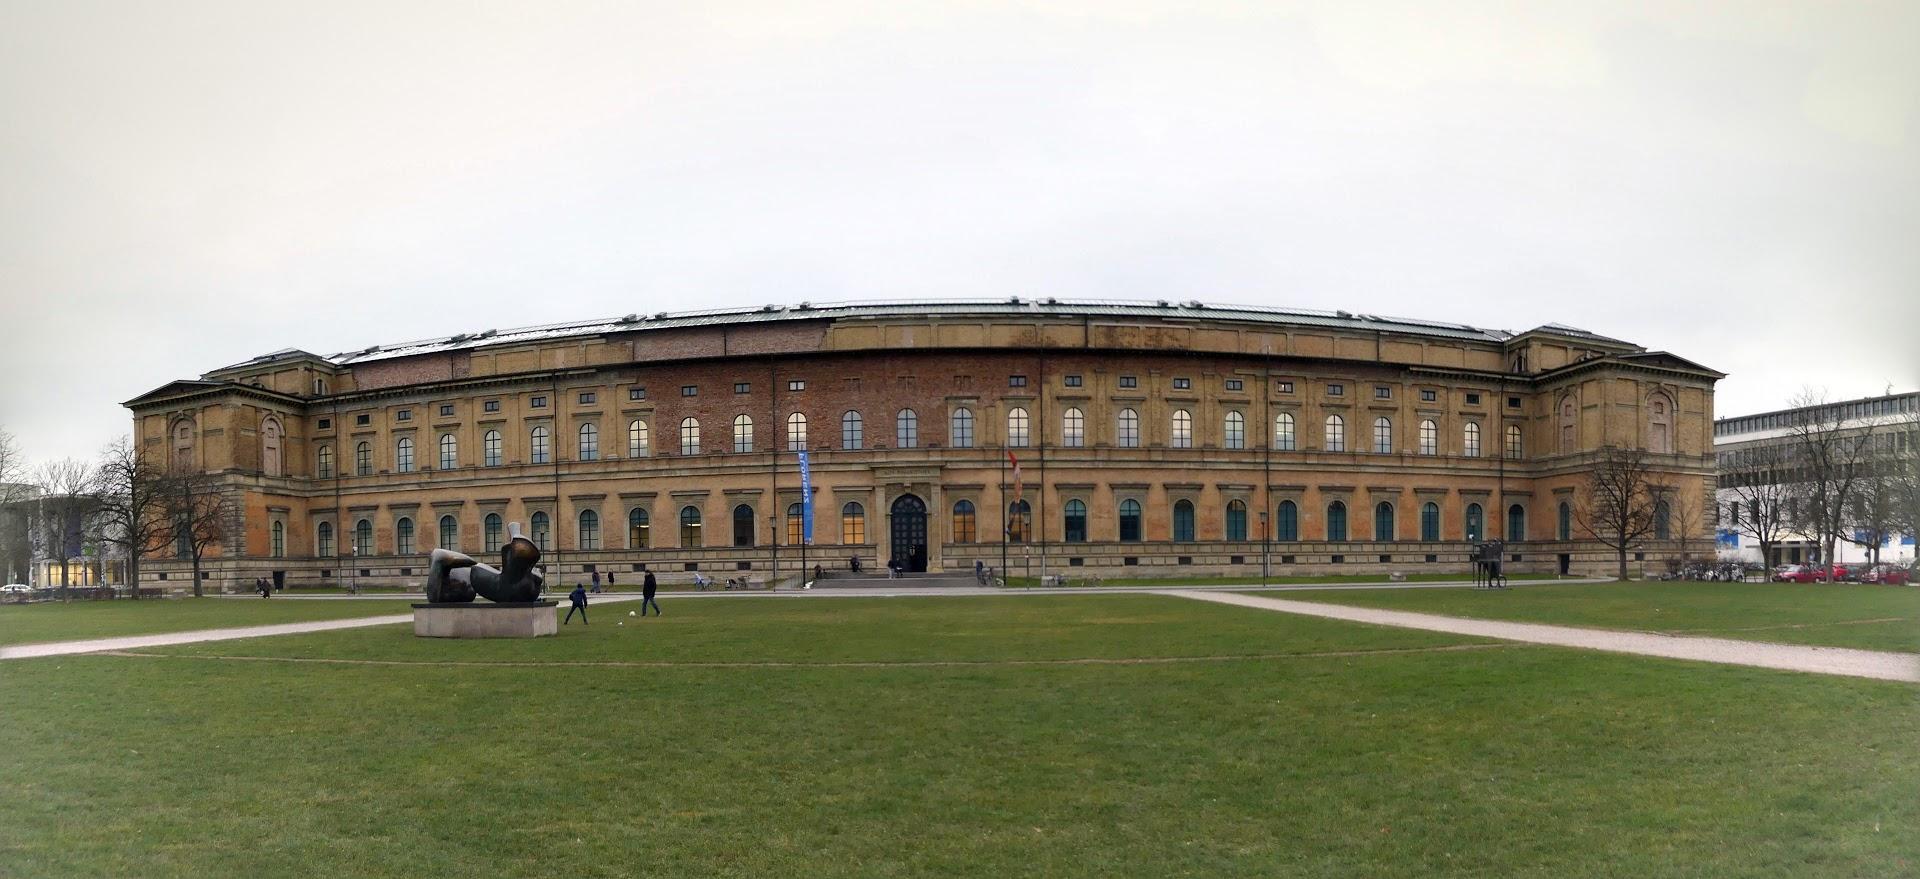 München, Alte Pinakothek, Bild 1/4